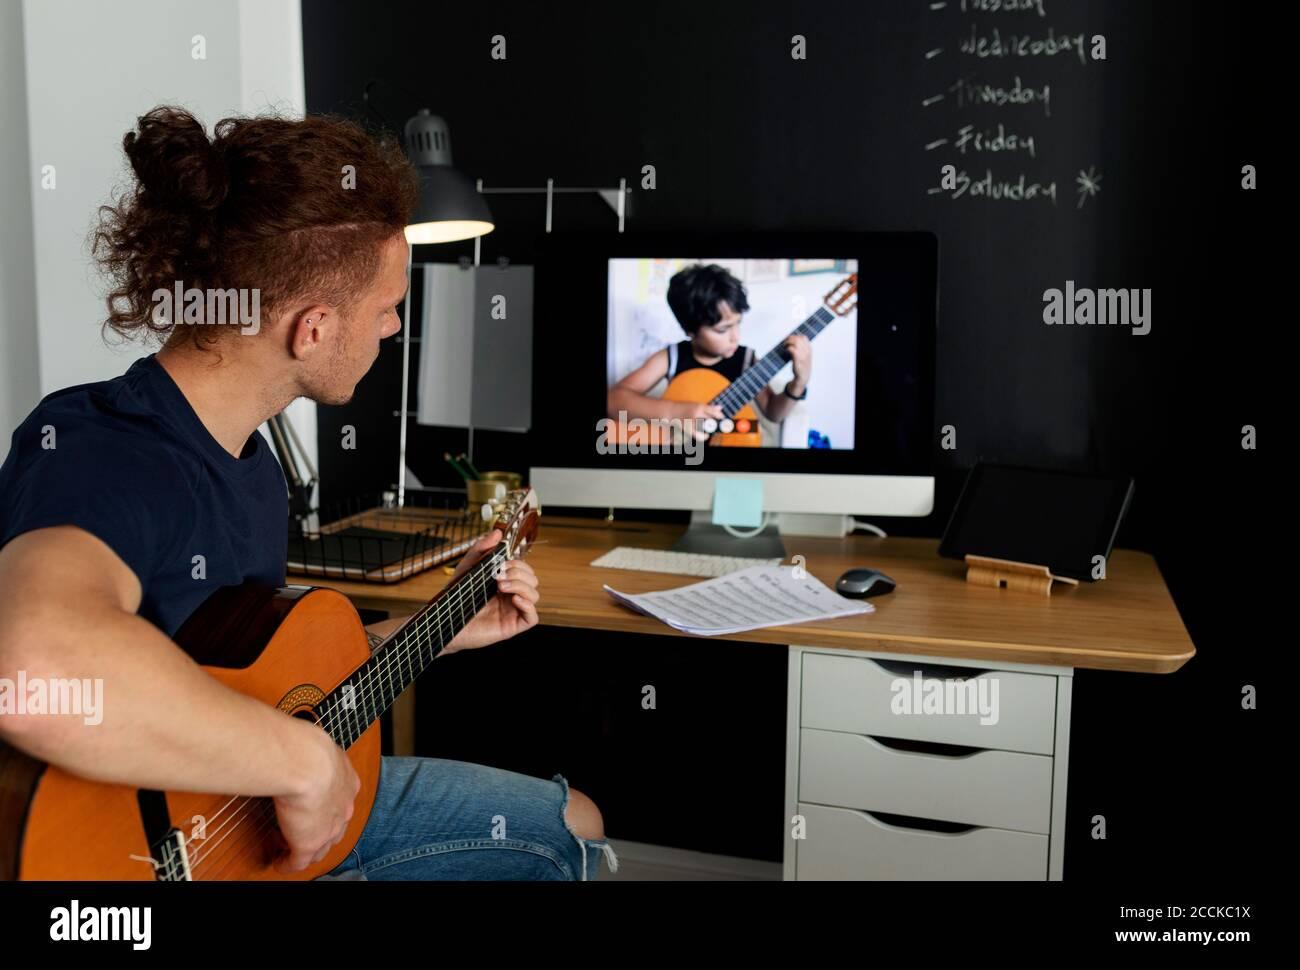 Mann, der Gitarre lernt, während er Tutorial zu Hause ansieht Stockfoto